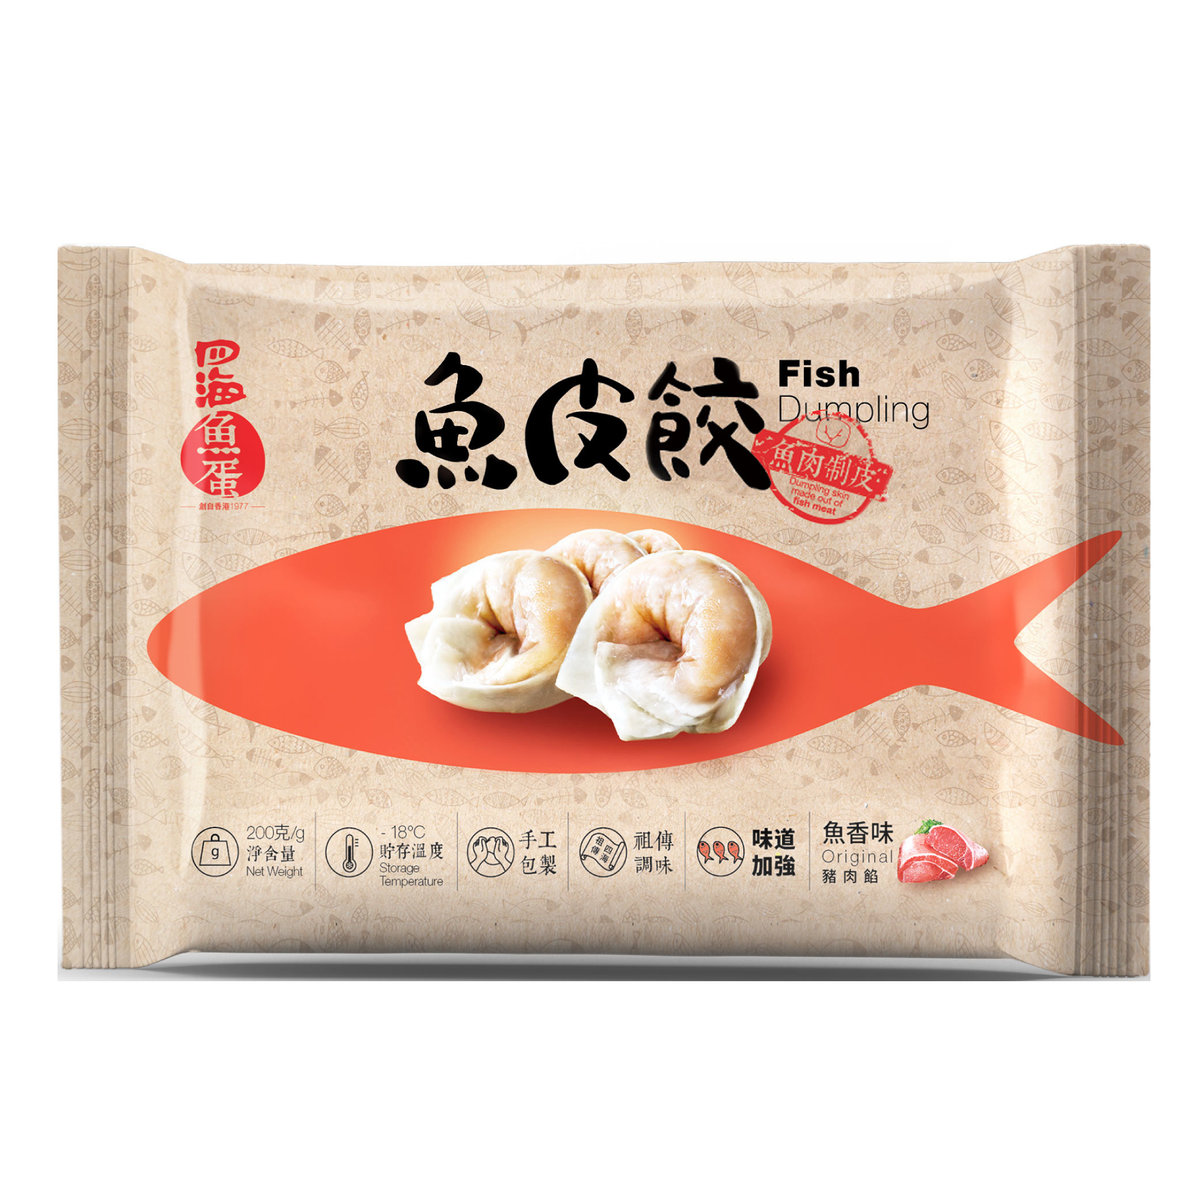 原味魚皮餃200g(急凍)